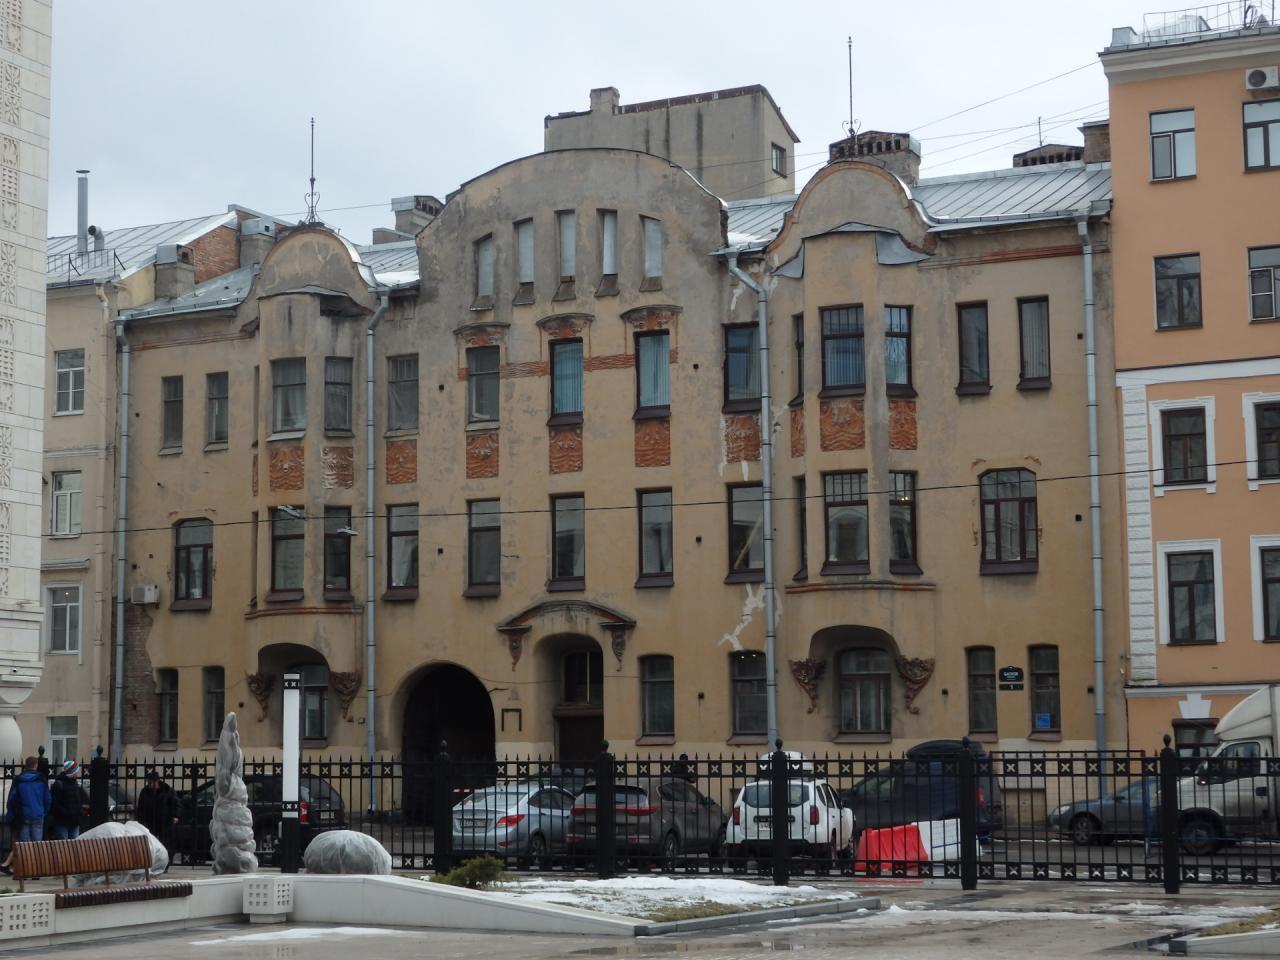 Доходный дом Ерошенко, Басков пер., 5. Фото - Риэлтор, 03.2019 г. (citywalls.ru )